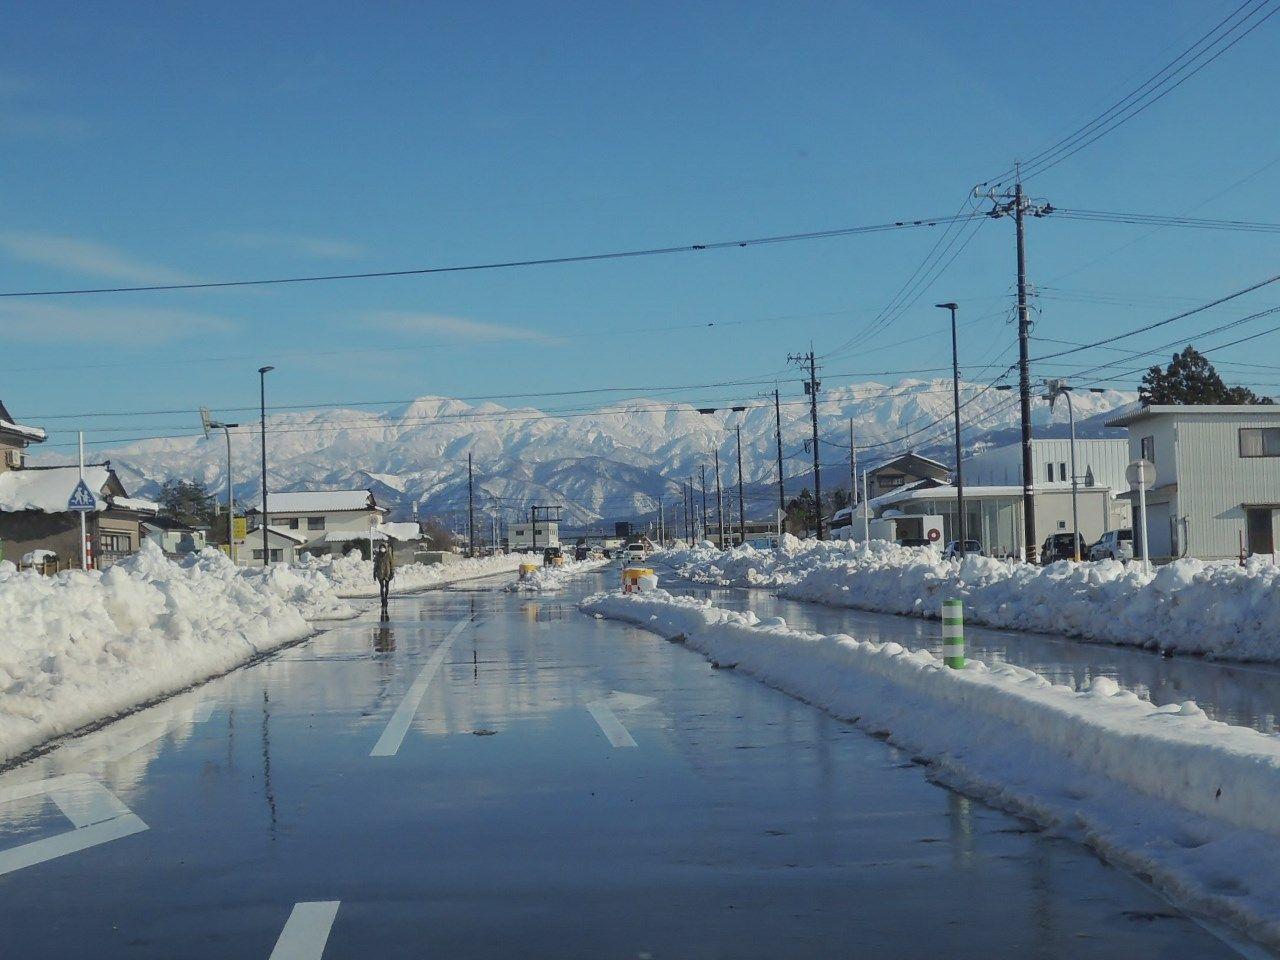 黒部市の中心部で雪が多かった: 『越ノ国』より